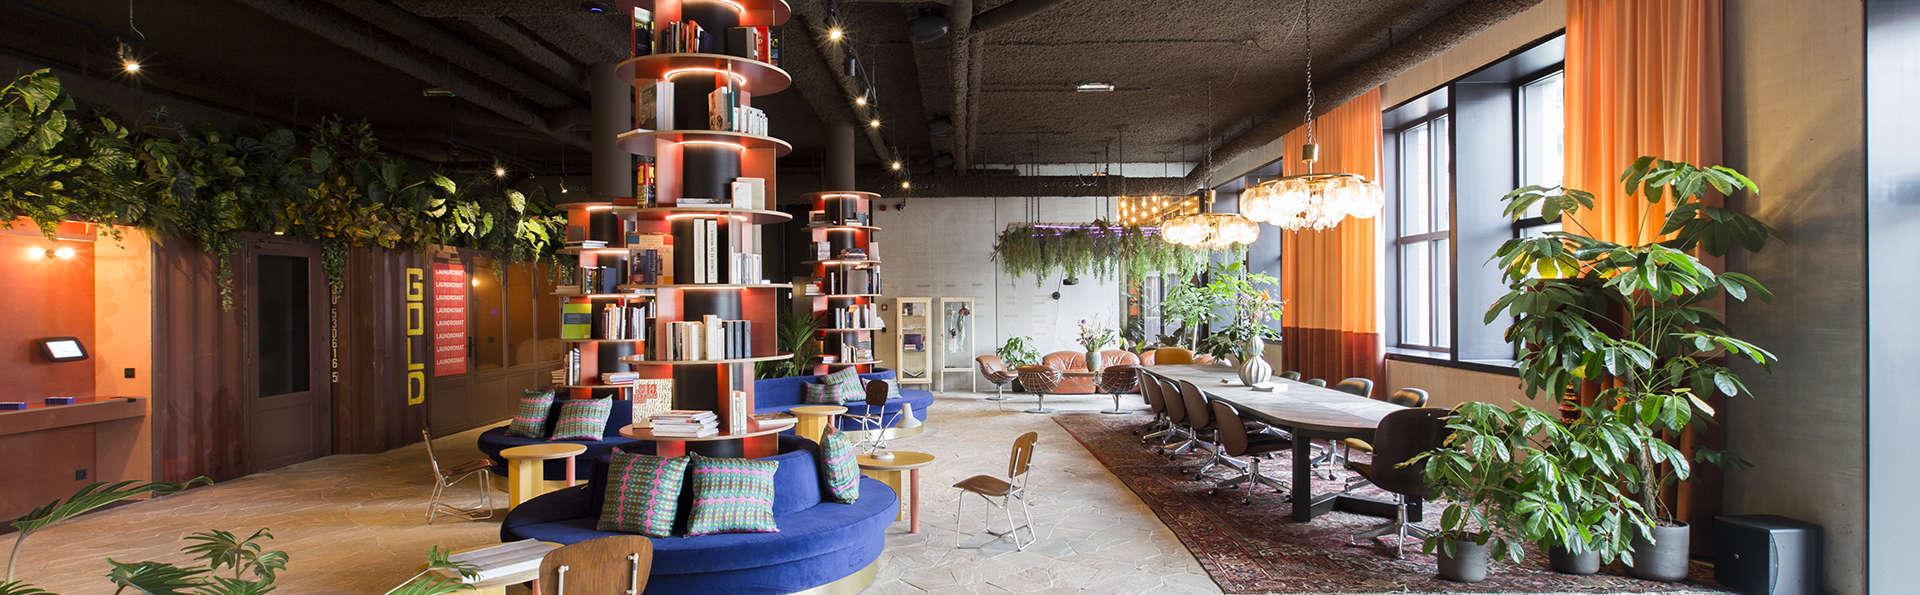 YUST Hotel Antwerp - EDIT_YUST_Antwerp_Lobby_03.jpg